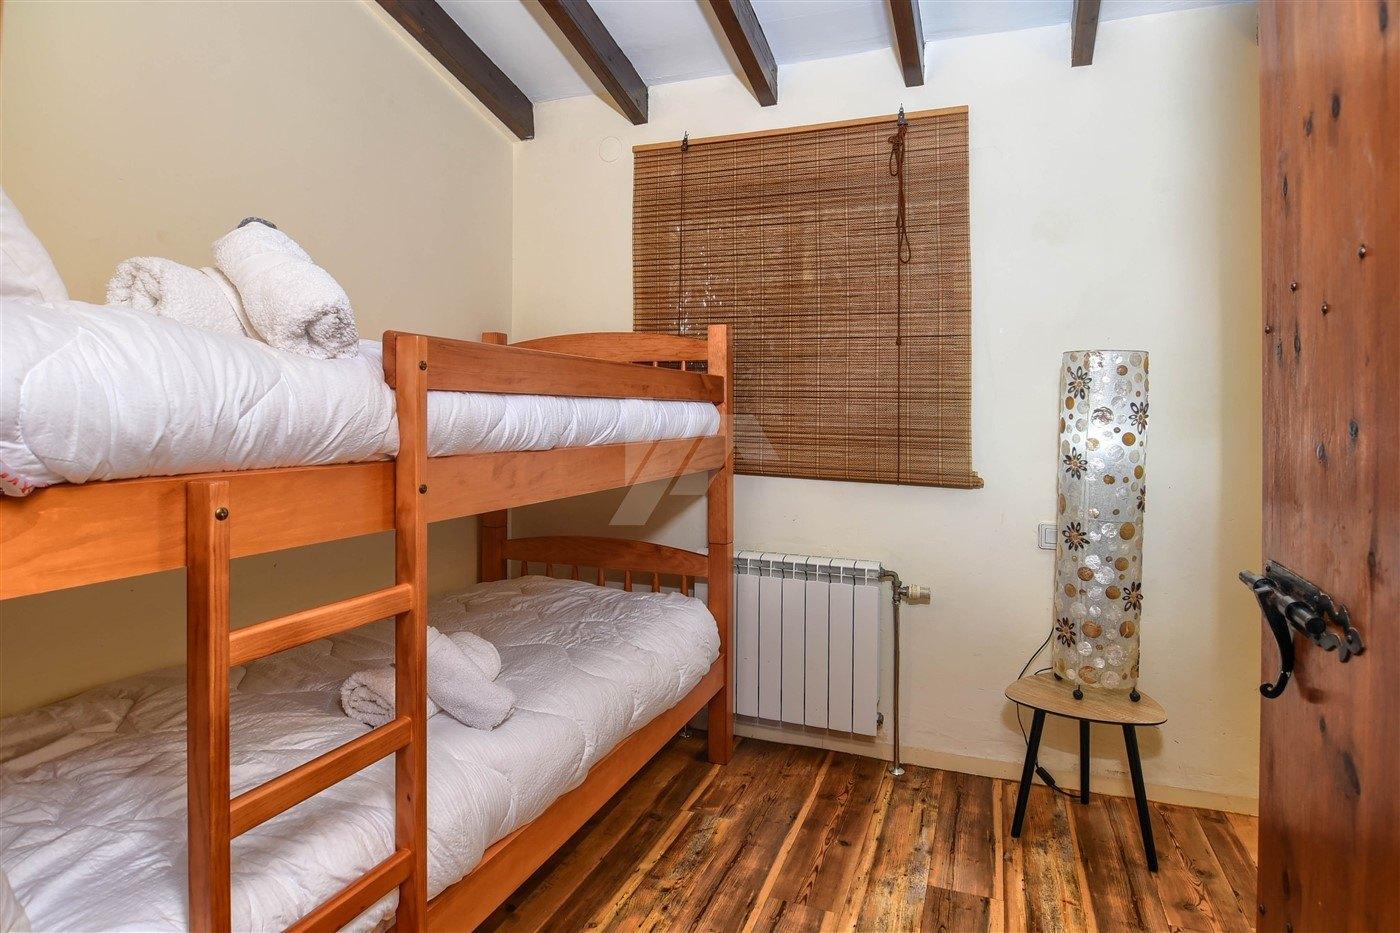 Villa en venta en Moraira cerca del pueblo, Costa Blanca.